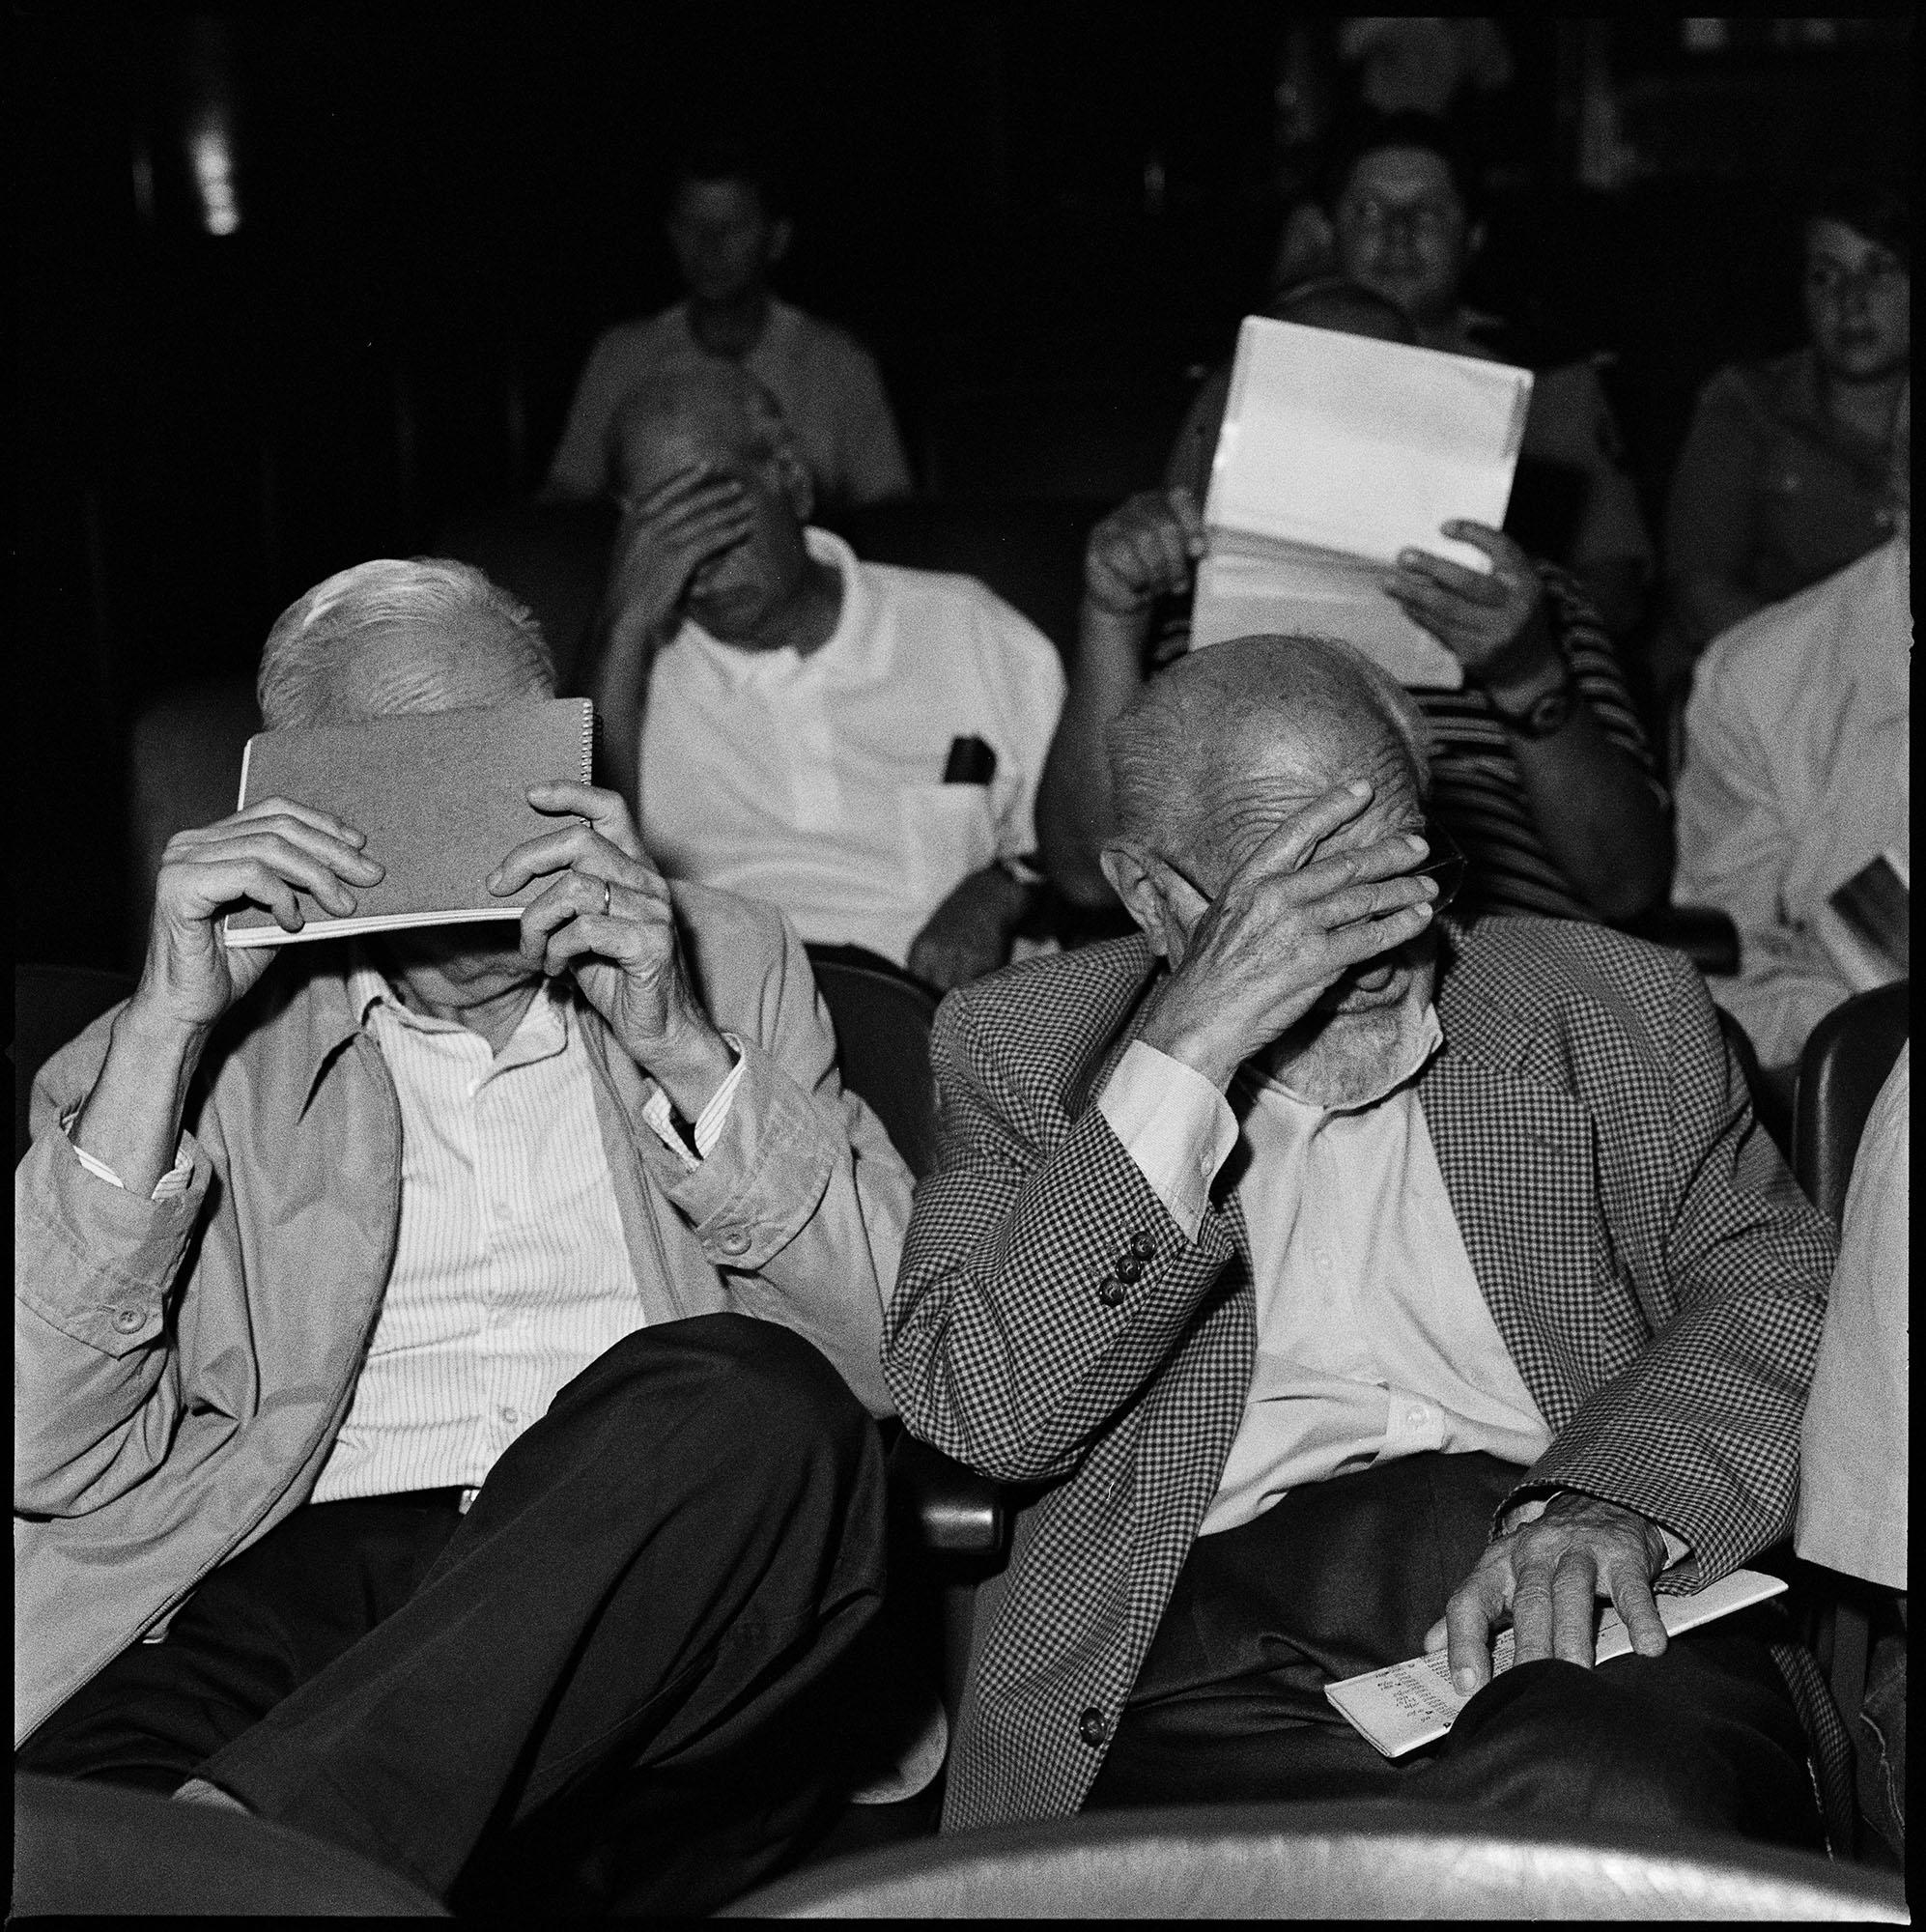 Ex militares ocultan sus rostros al fotógrafo durante una sesión del juicio en el que son acusados por el Estado argentino por crímenes de lesa humanidad durante la última dictadura cívico-militar,  1976-1983.  Fotografía tomada en Bahía Blanca en febrero de 2012.